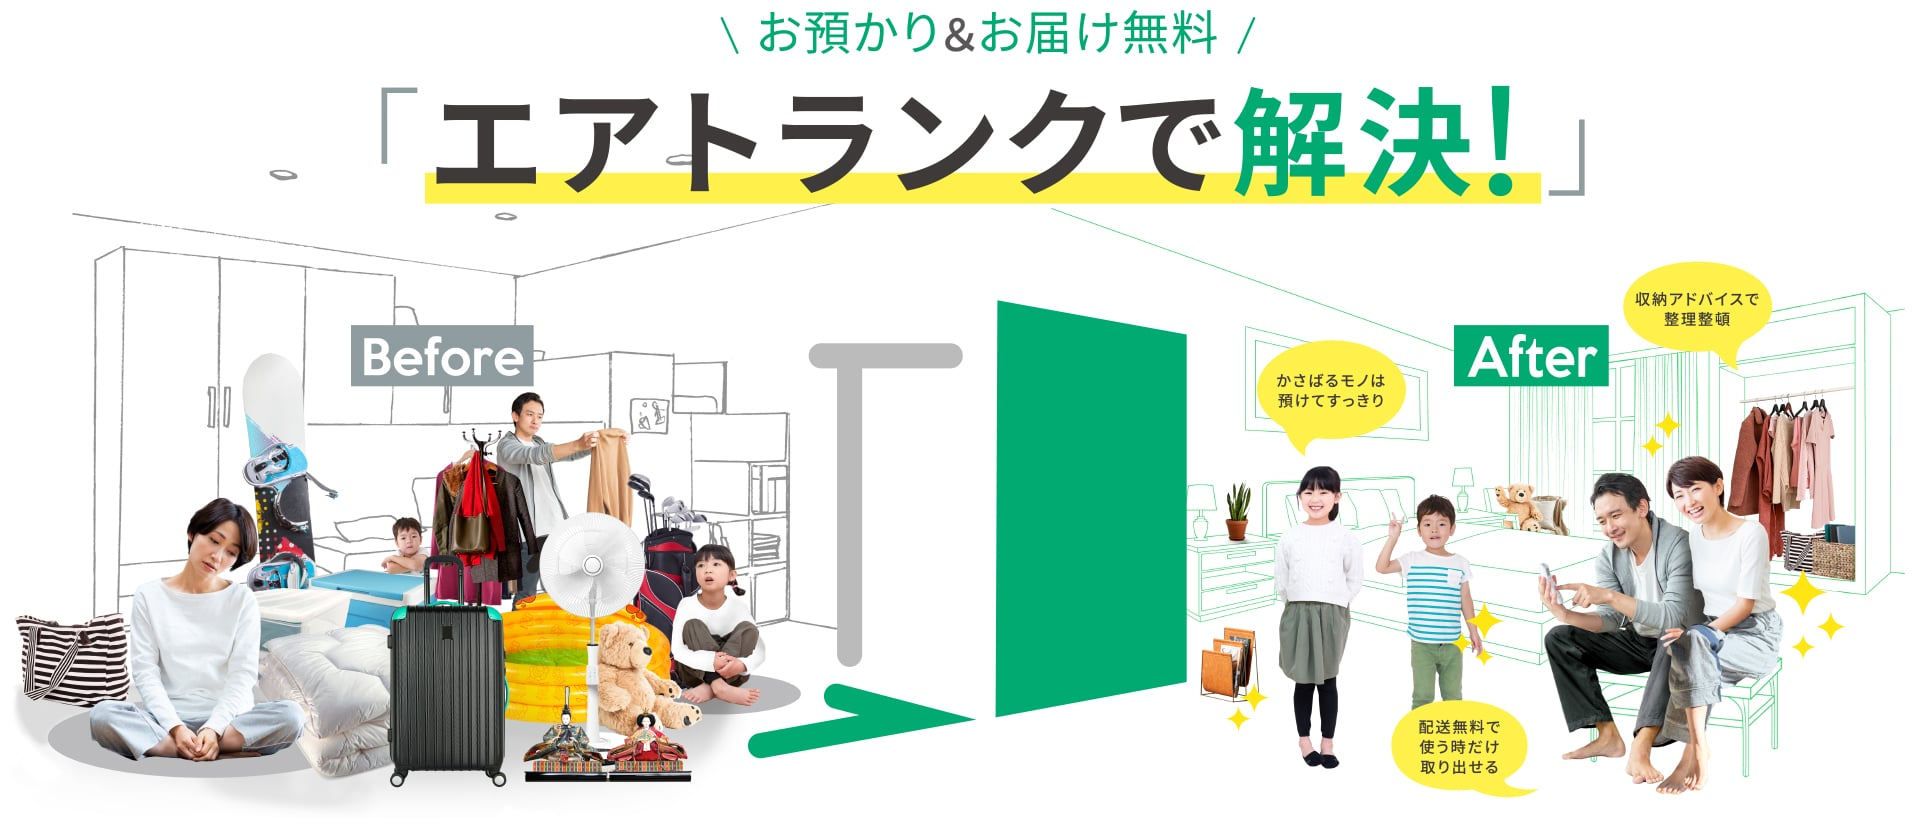 お預り&お届け無料の宅配型トランクルーム|AIR TRUNK【エアトランク】